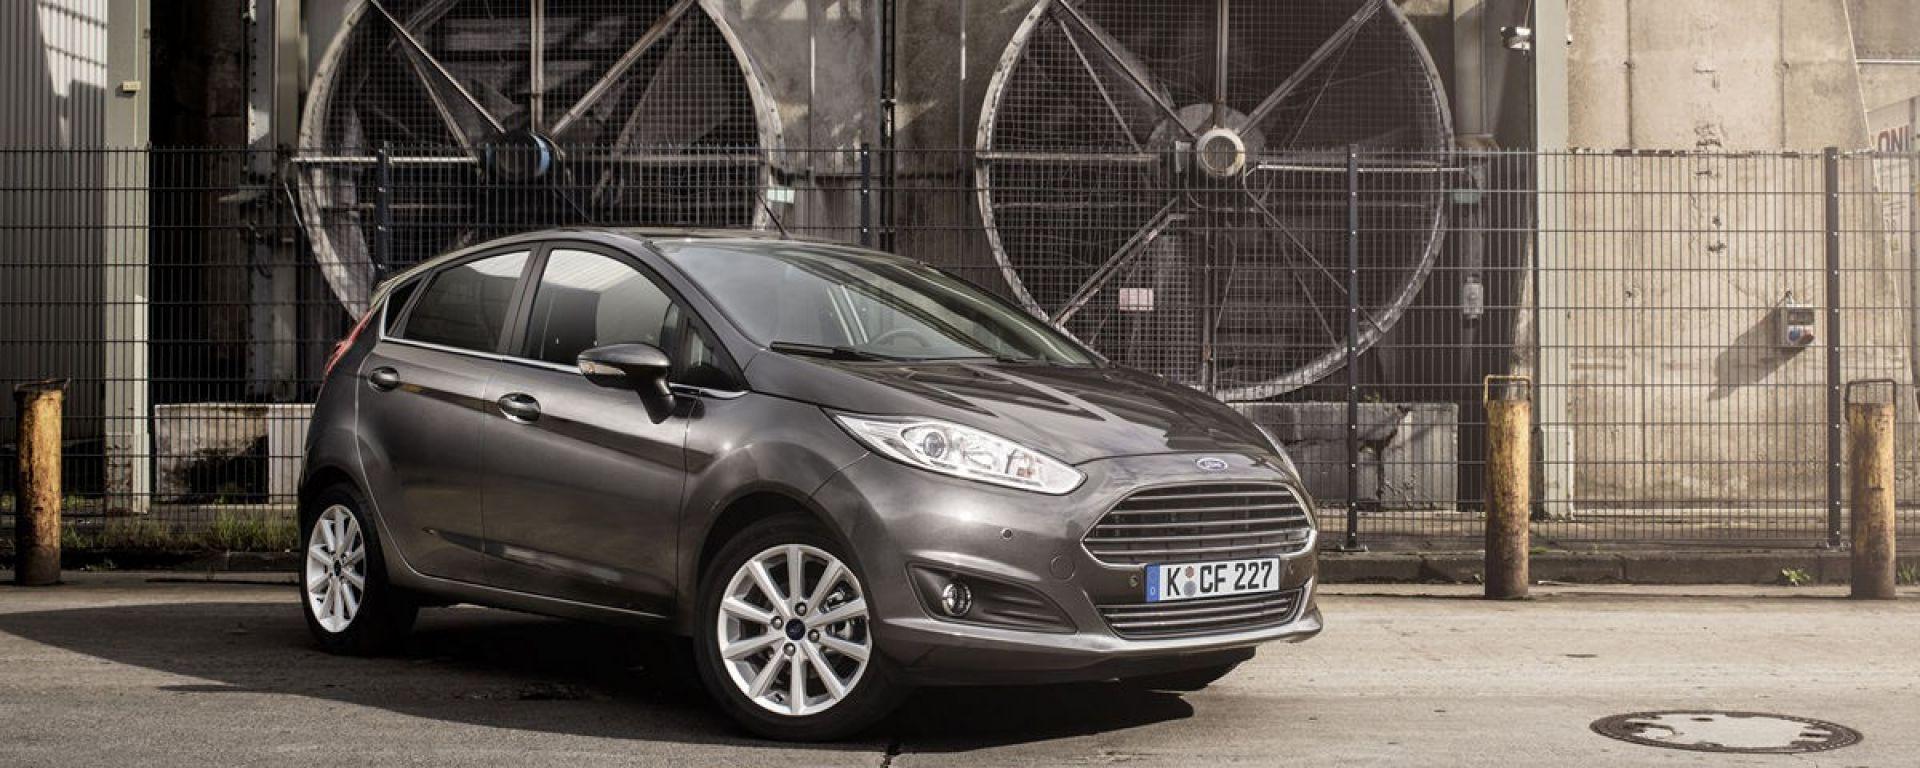 Ford Fiesta 2015: arriva il 1.5 TDCi 95 cv